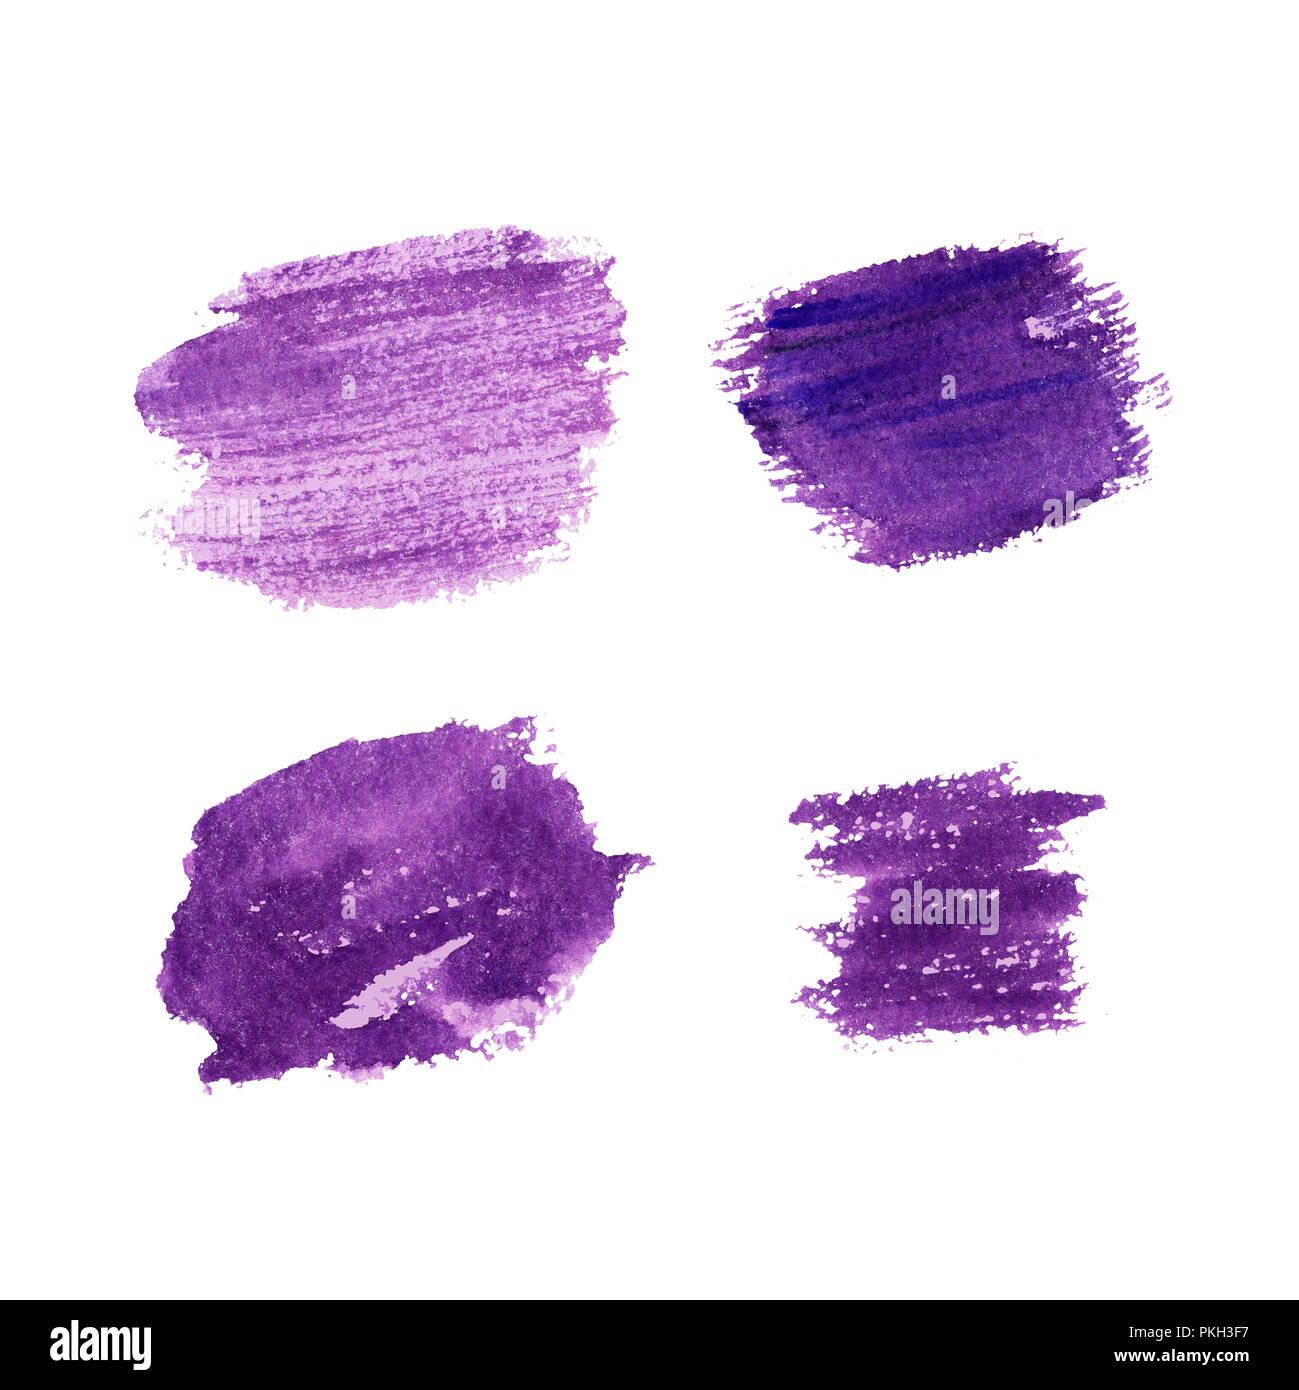 Colore lavanda pennellate disegnate a mano sullo sfondo. Vernice viola cospargere su sfondo bianco. Macchia di lavanda collezione pastello. Il giorno di San Valentino i tratti di pennello greeting cards design. Isolato Immagini Stock